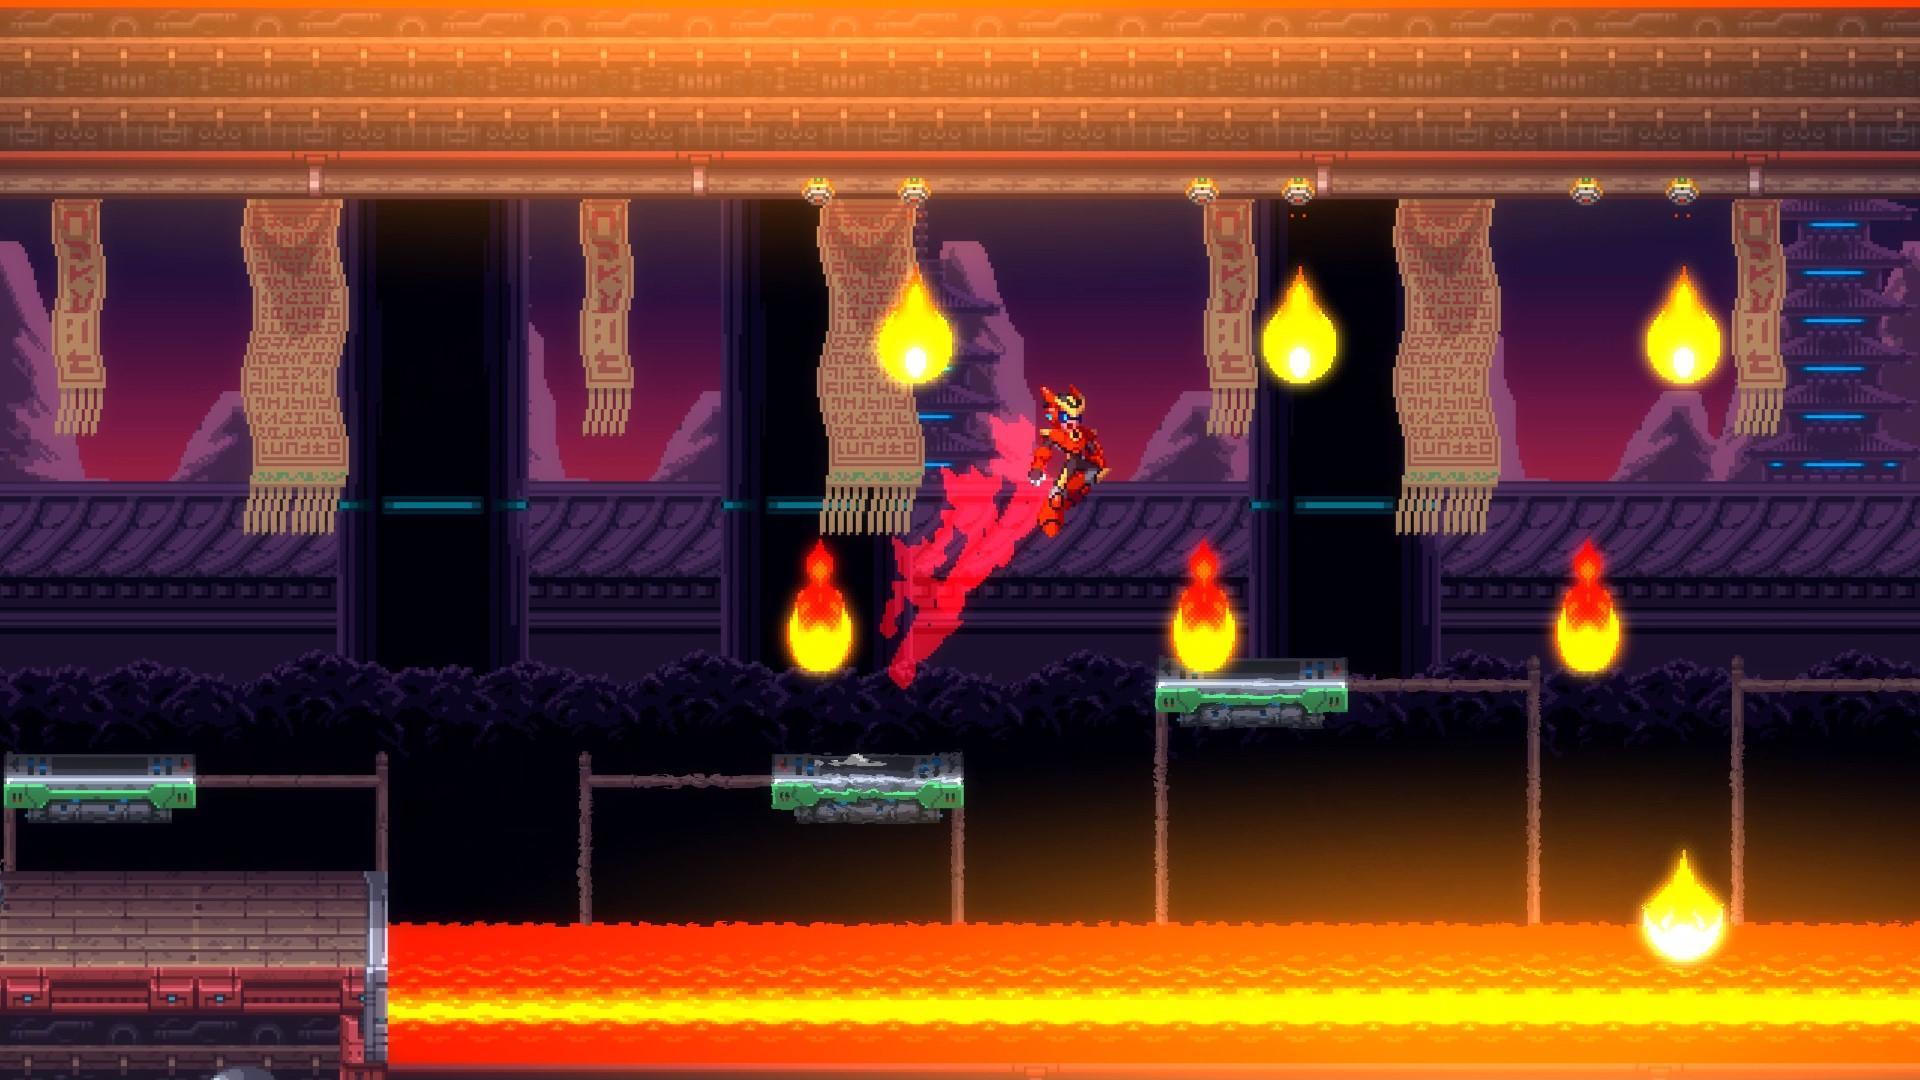 動作游戲《30XX》上架Steam  支持遠程同樂功能